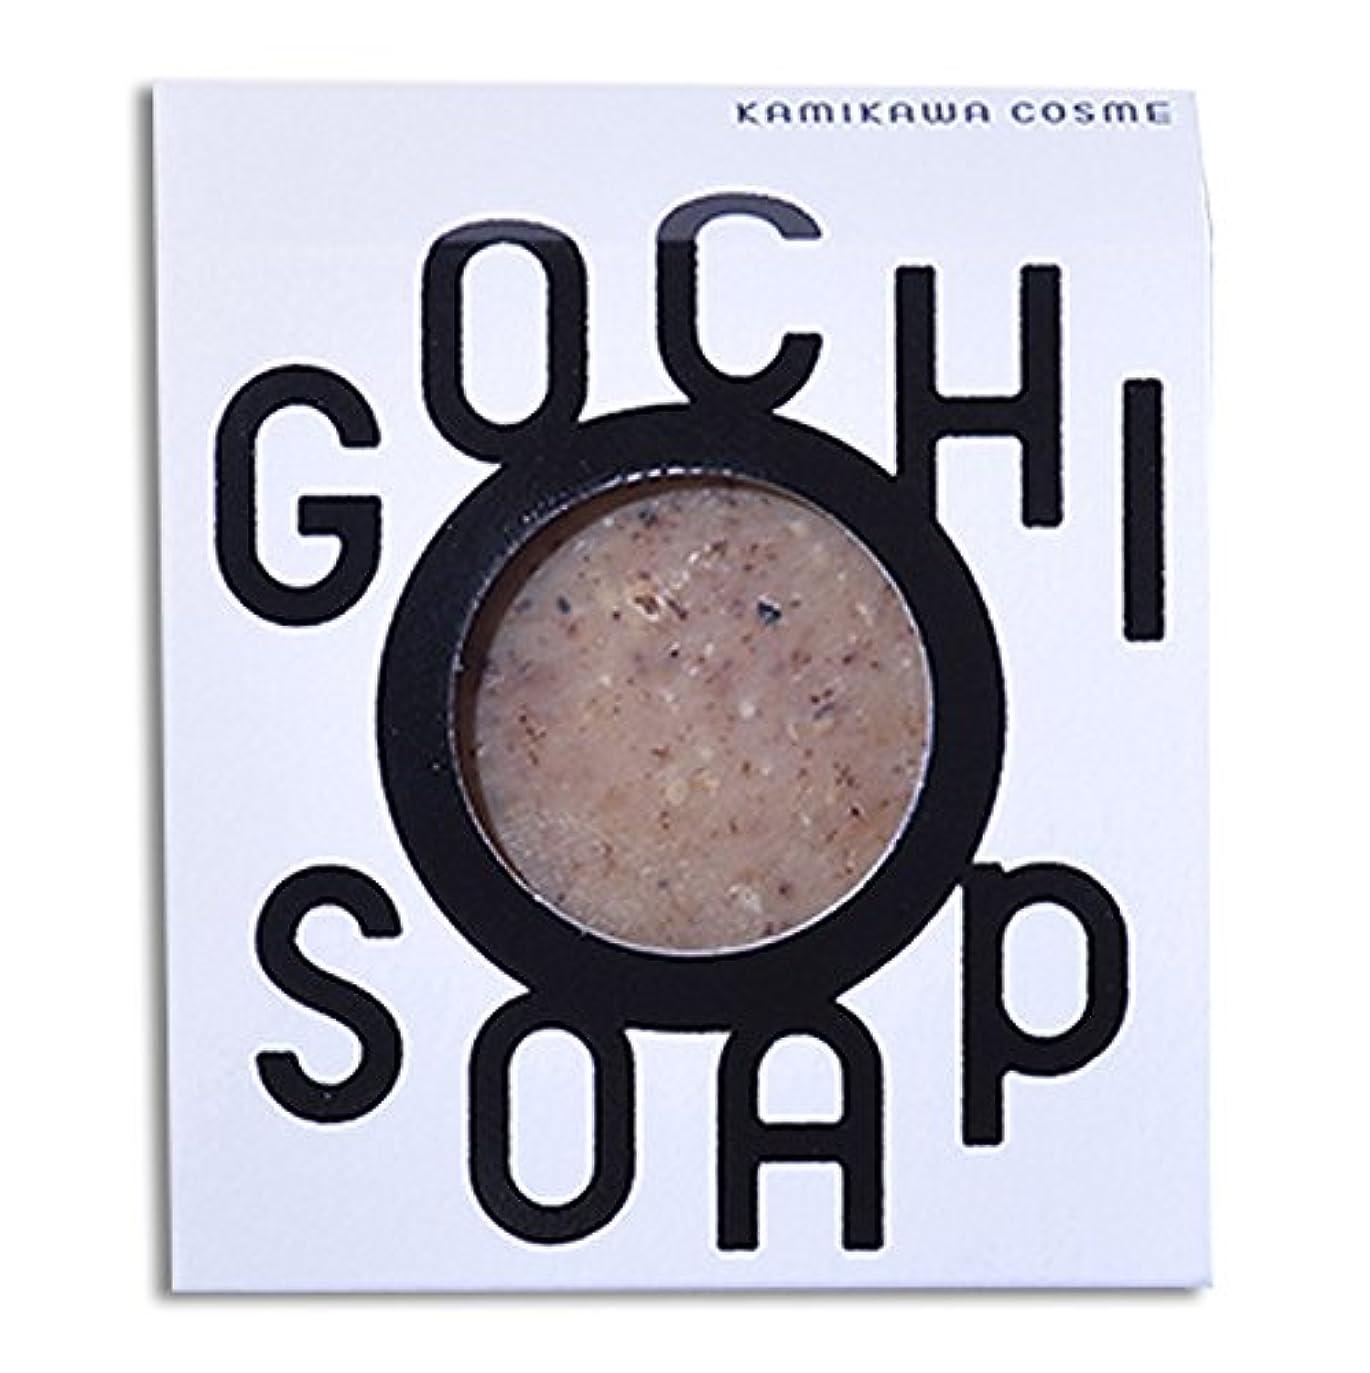 世界記録のギネスブック五十部道北の素材を使用したコスメブランド GOCHI SOAP(上森米穀店の黒米ぬかソープ・谷口農場のトマトソープ)各1個セット